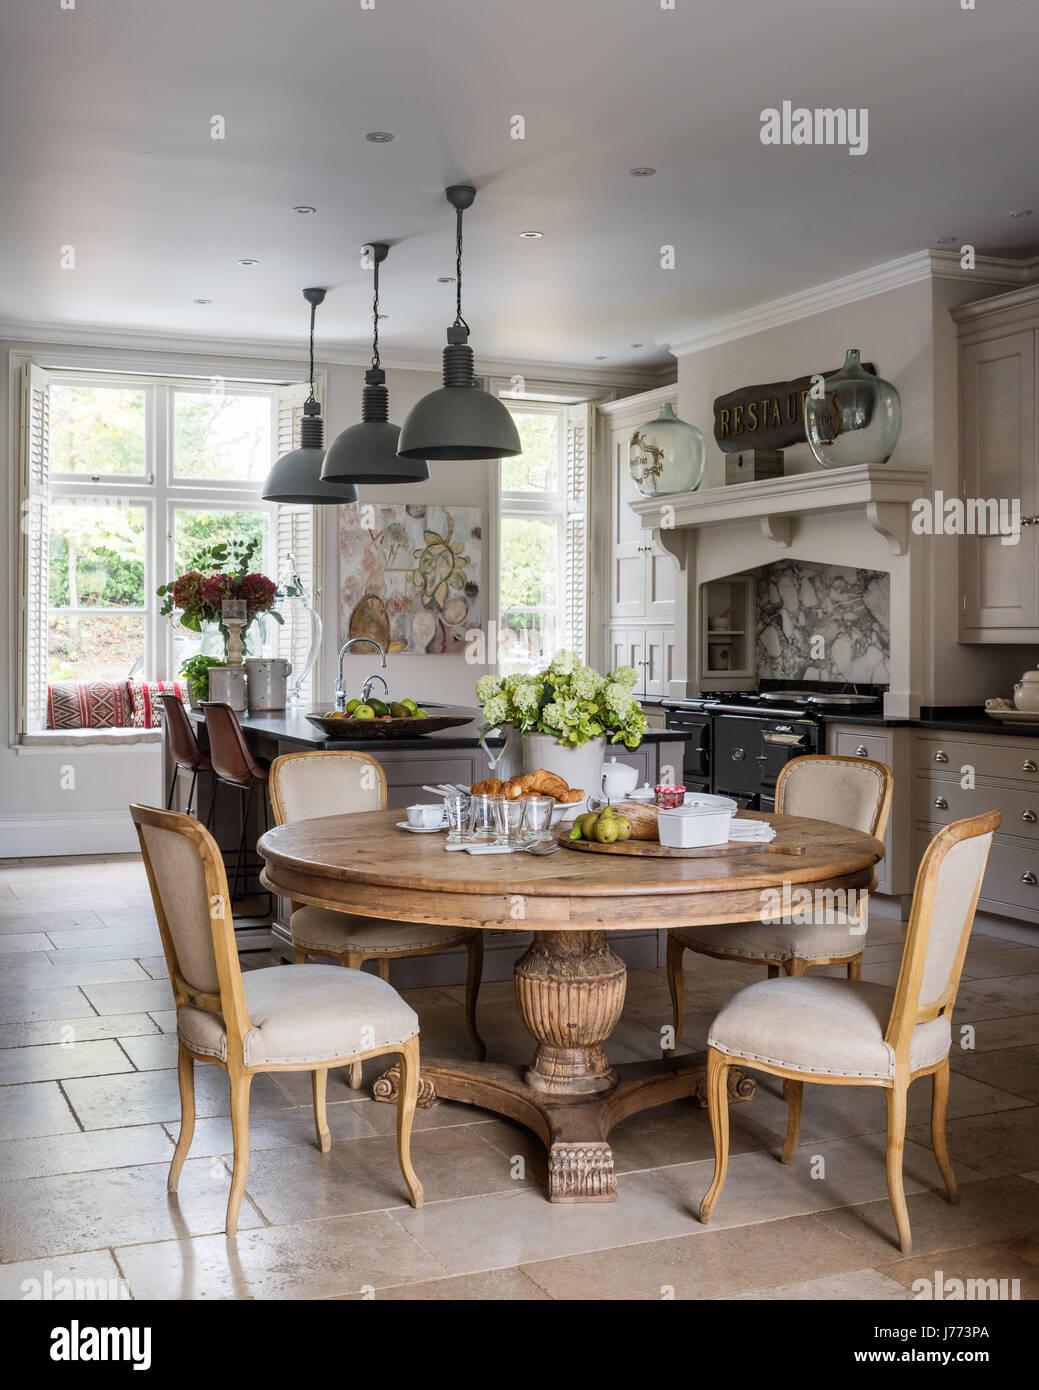 Amplia cocina comedor con baldosas de piedra caliza y muebles de cocina a medida  por Thomas Ford   Sons. Mesa y sillas circular todos por Bardoe   Appel. a5c8514434f1